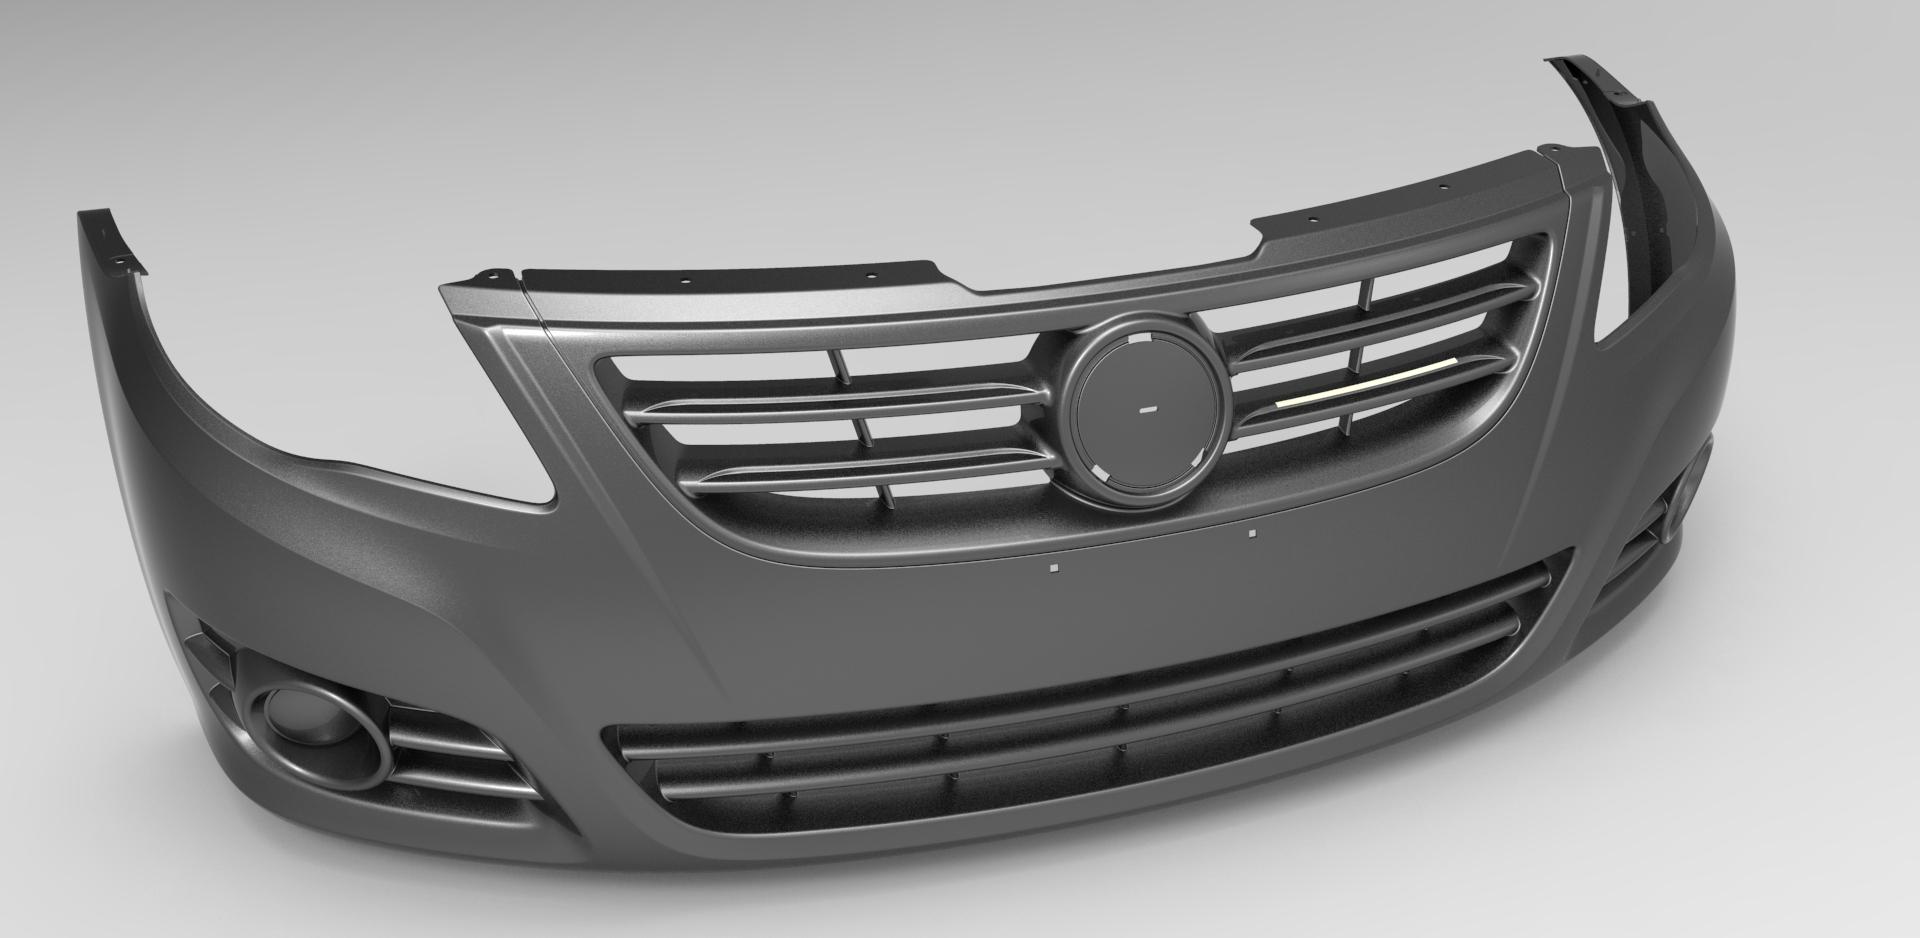 汽车前保险杠_catia_交通工具_3d模型_图纸下载_微小网